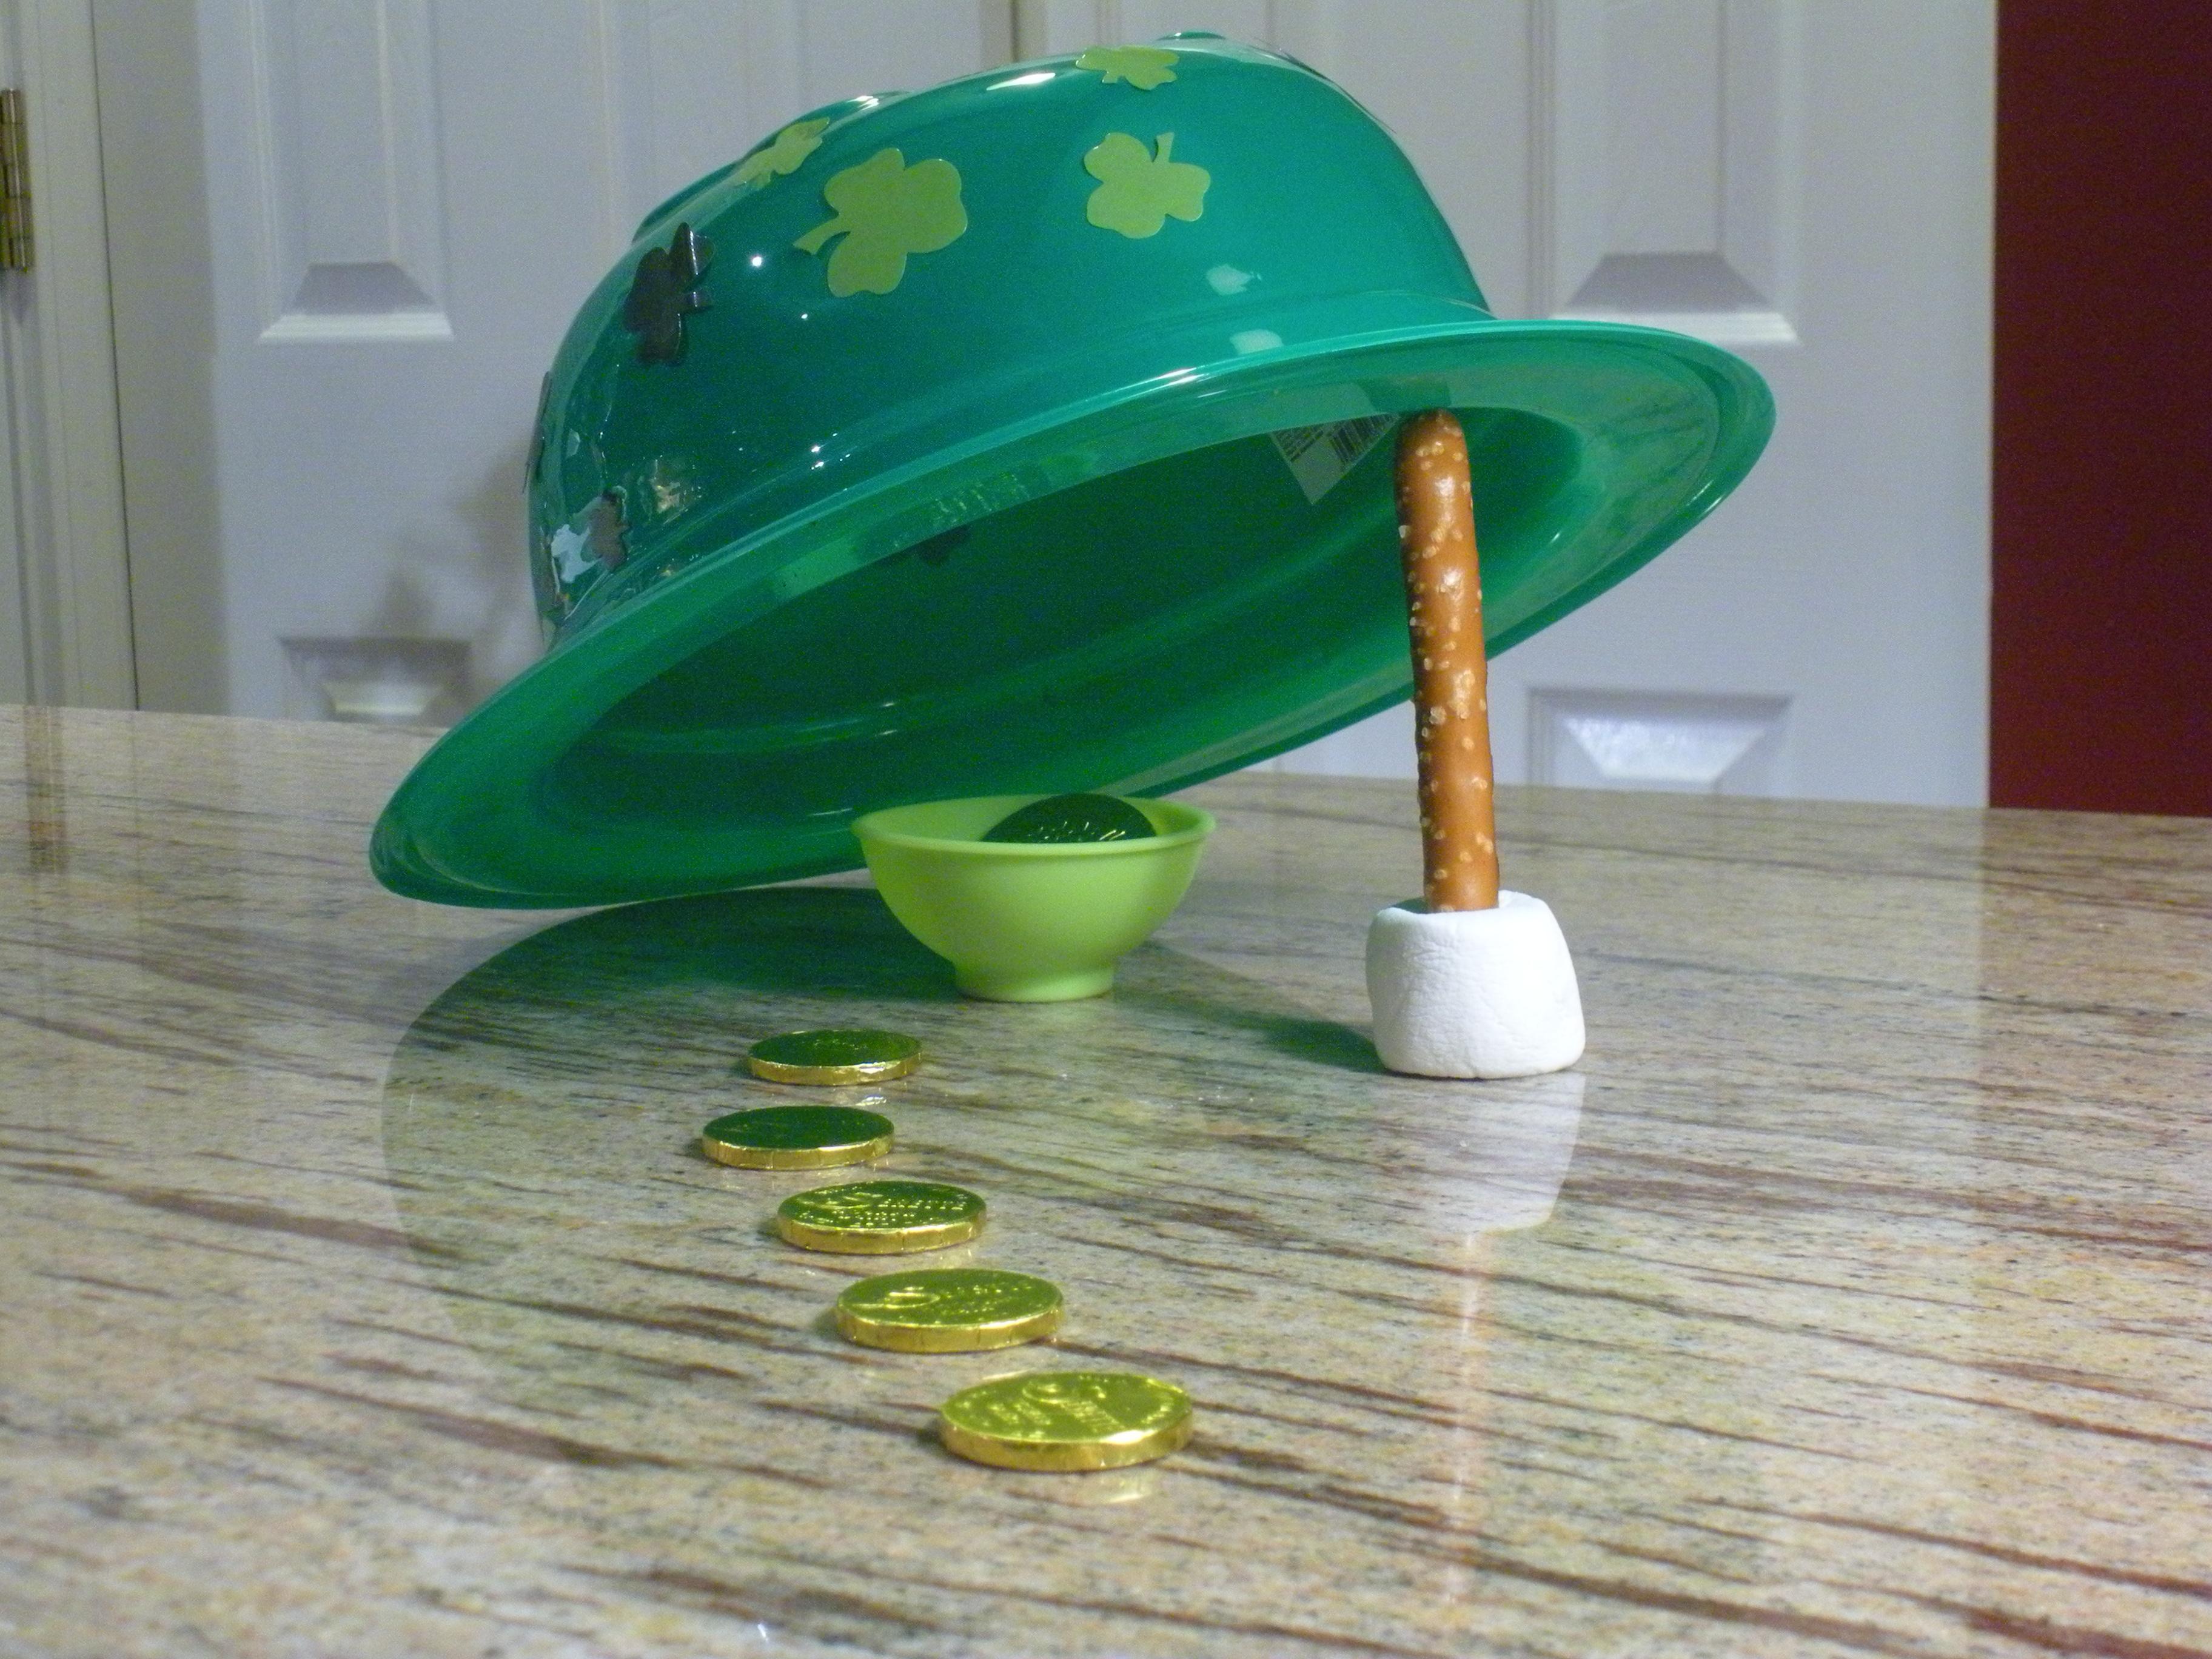 17 Mischievous Leprechaun Trap Ideas For St. Patrick's